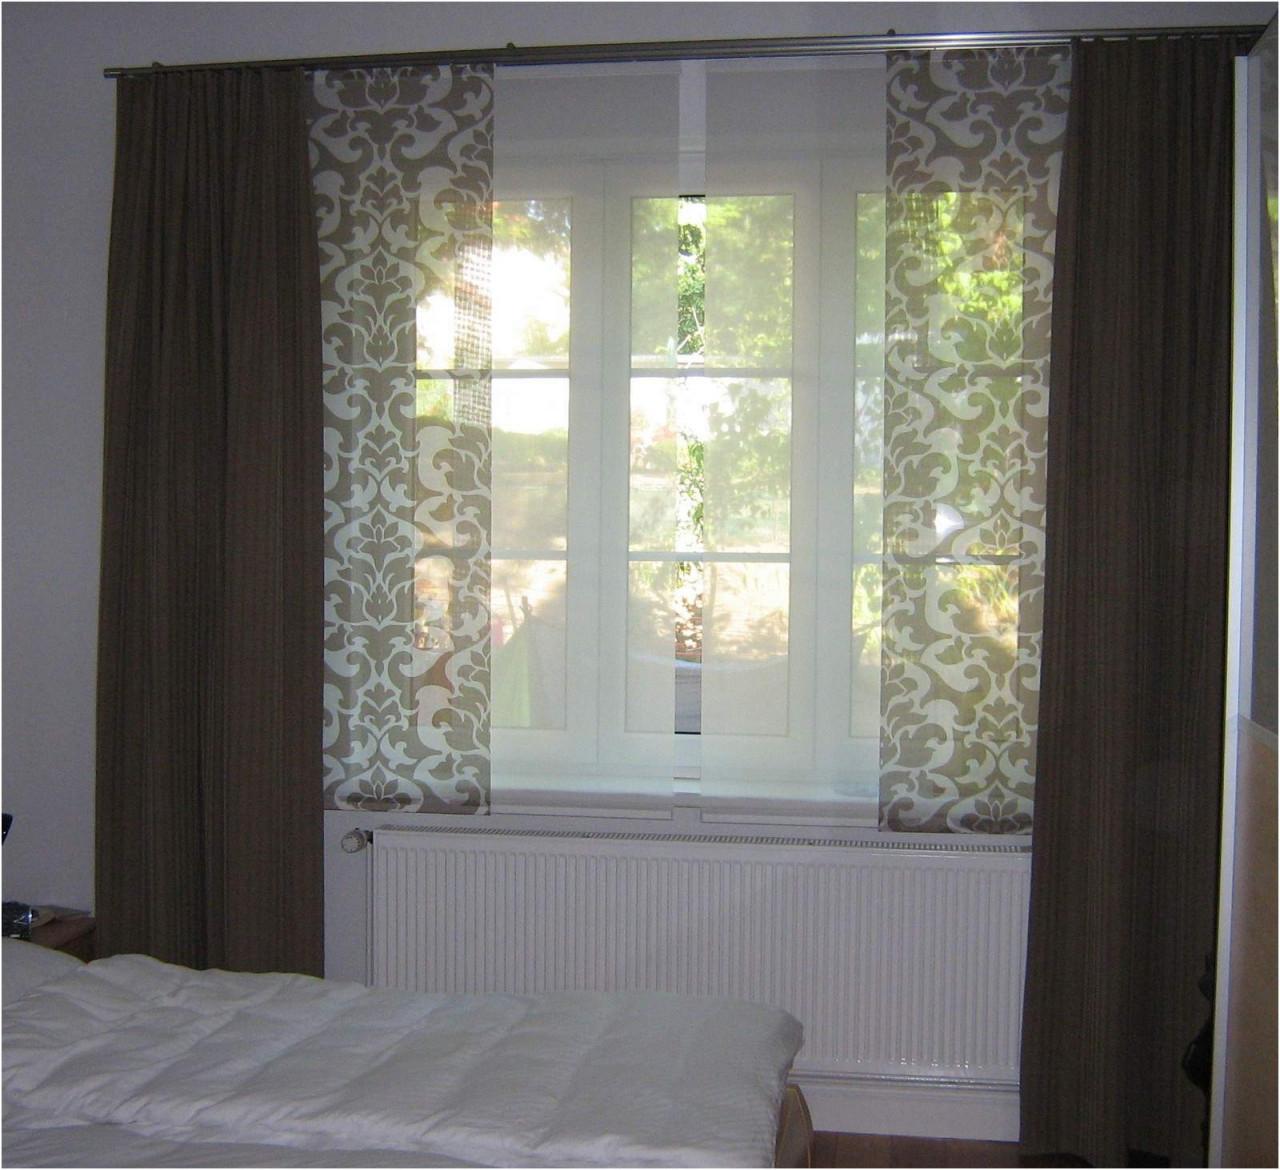 Kurze Gardinen Wohnzimmer Das Beste Von Wohnzimmer Fenster von Wohnzimmer Fenster Gardinen Ideen Photo